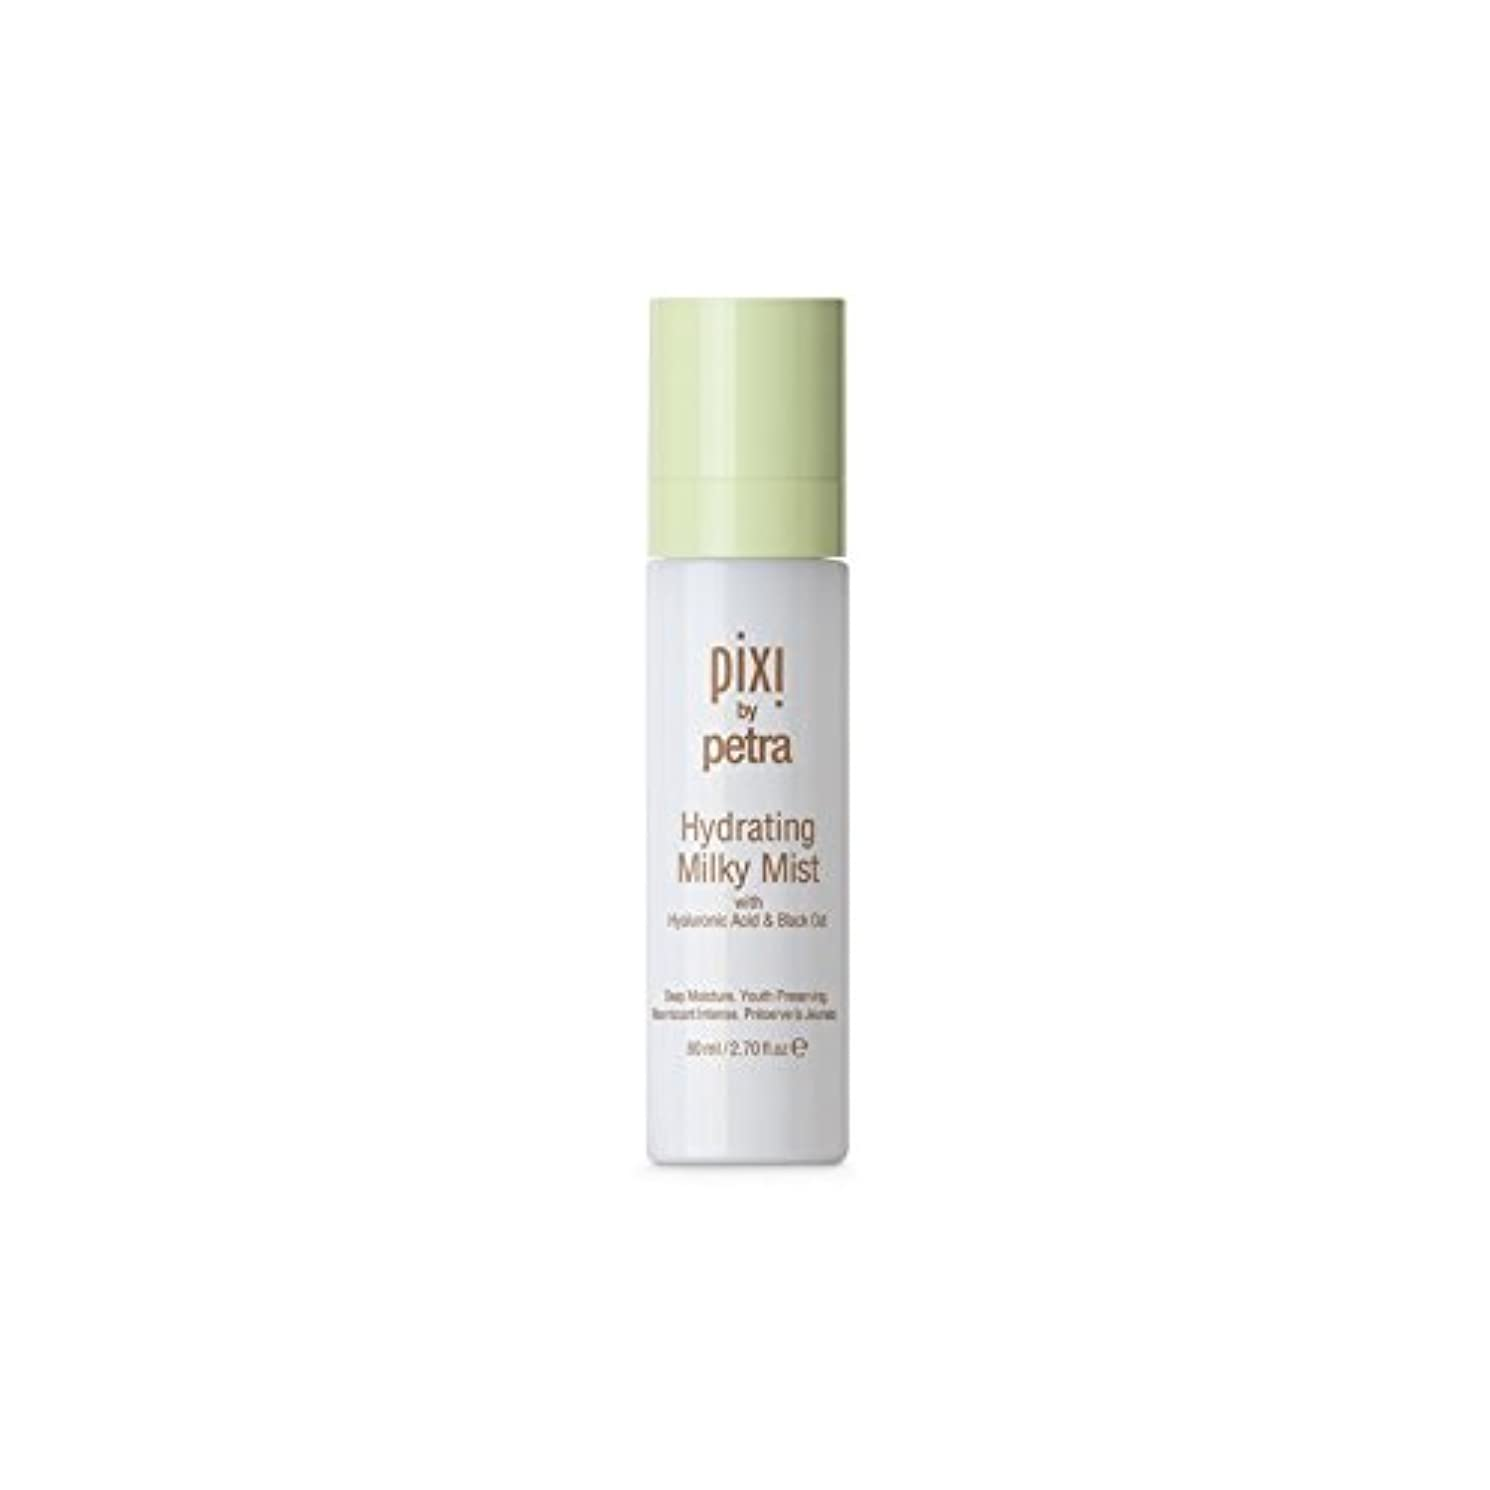 伝染性ランチョンポールPixi Hydrating Milky Mist - 乳白色の霧を水和 [並行輸入品]